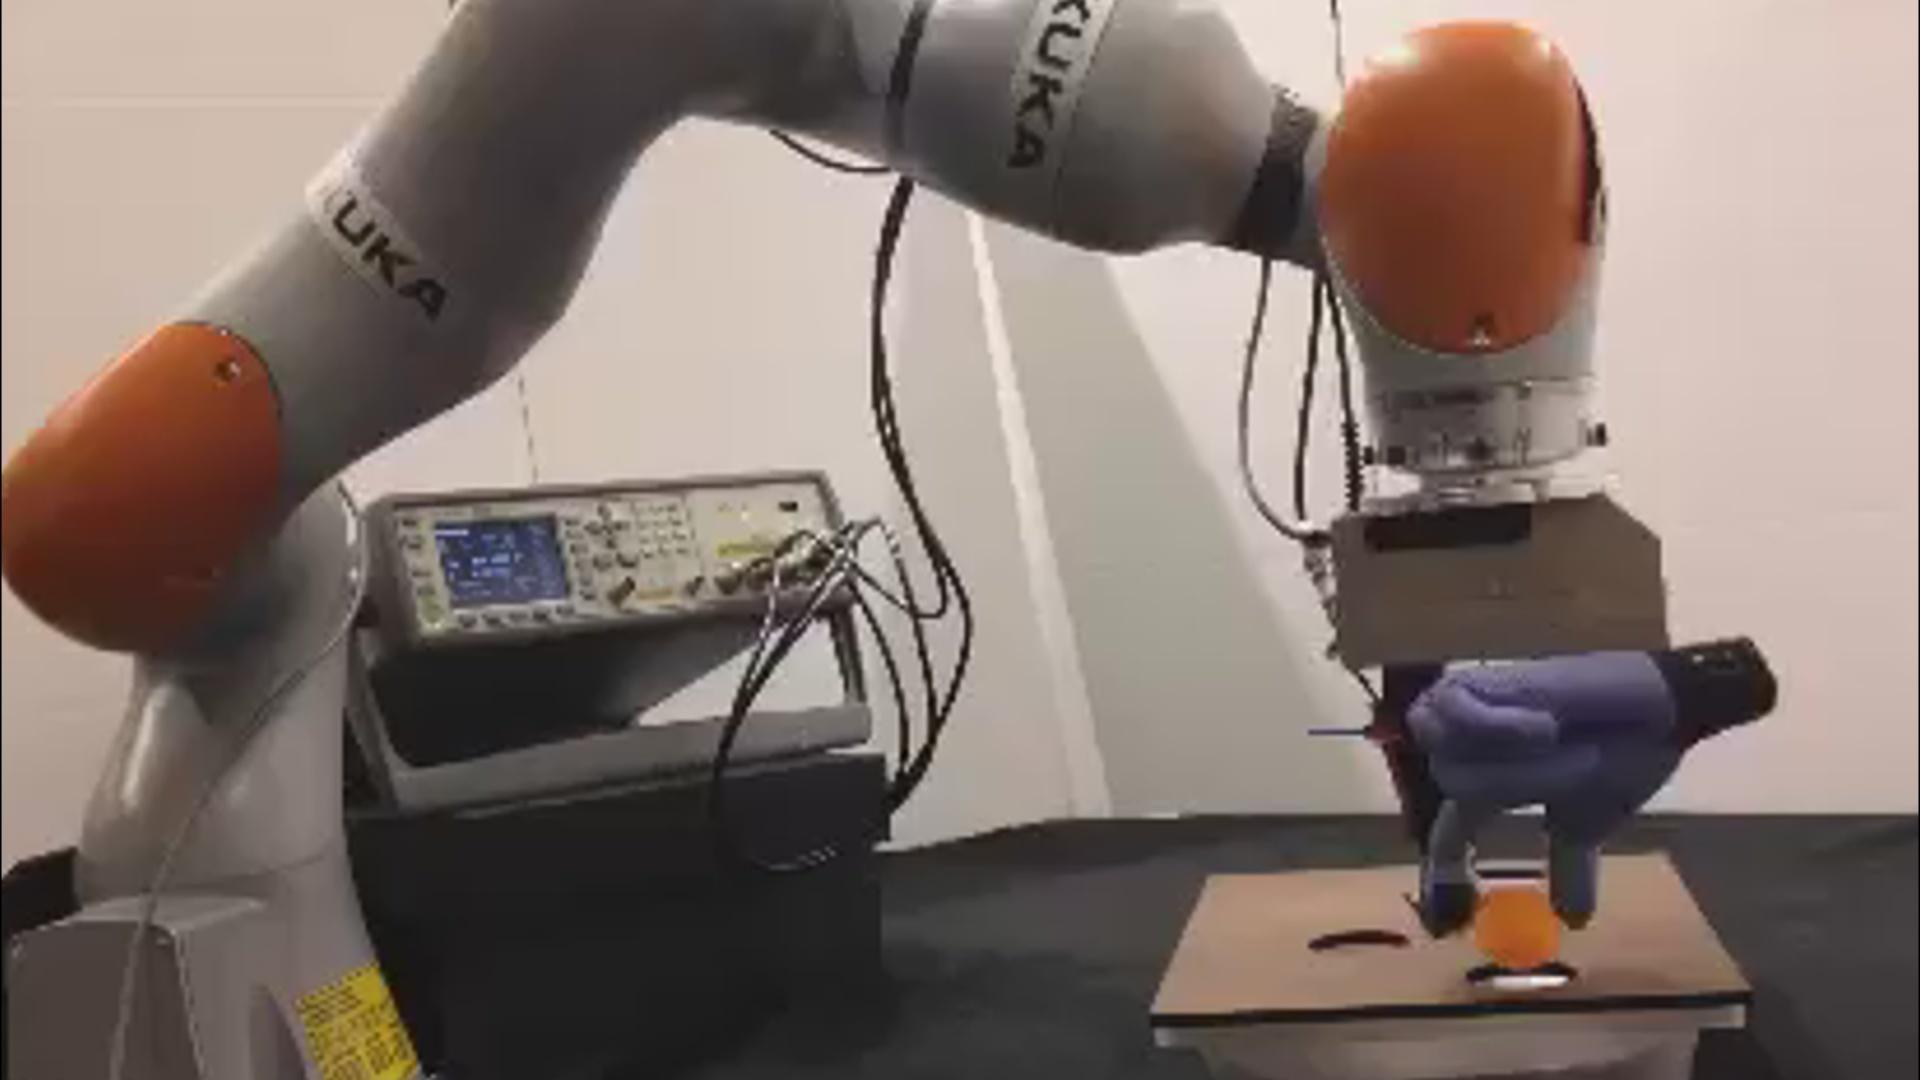 Elektron əlcək robotların toxunuşları canlı dəri kimi hiss etməsinə imkan verəcək